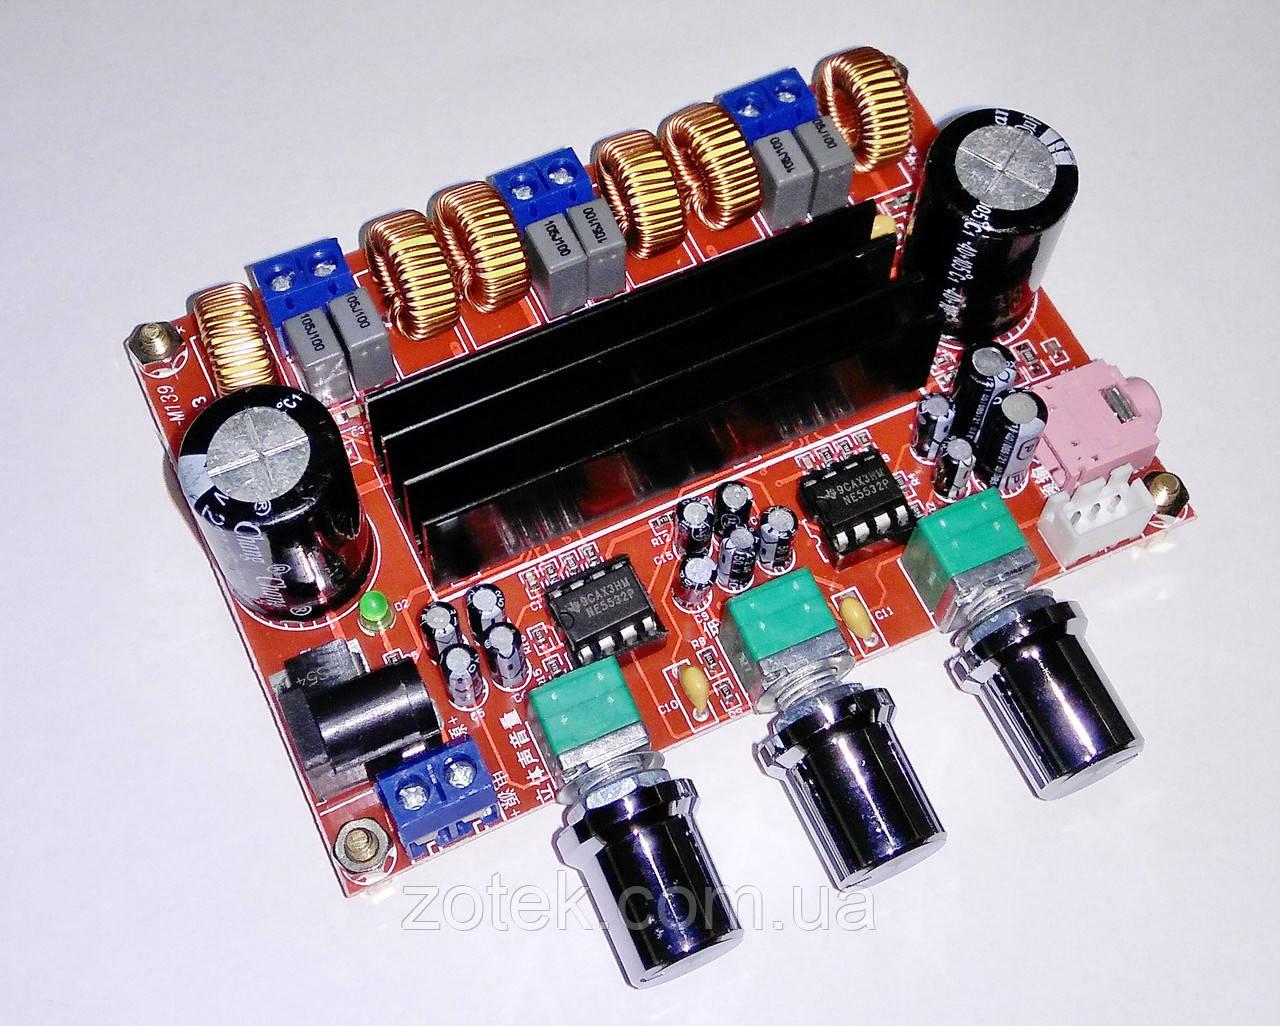 УЦЕНКА. Аудио усилитель мощности XH-M139 - TPA3116D2 50Вт*2+100Вт 2.1 DC 12-24В